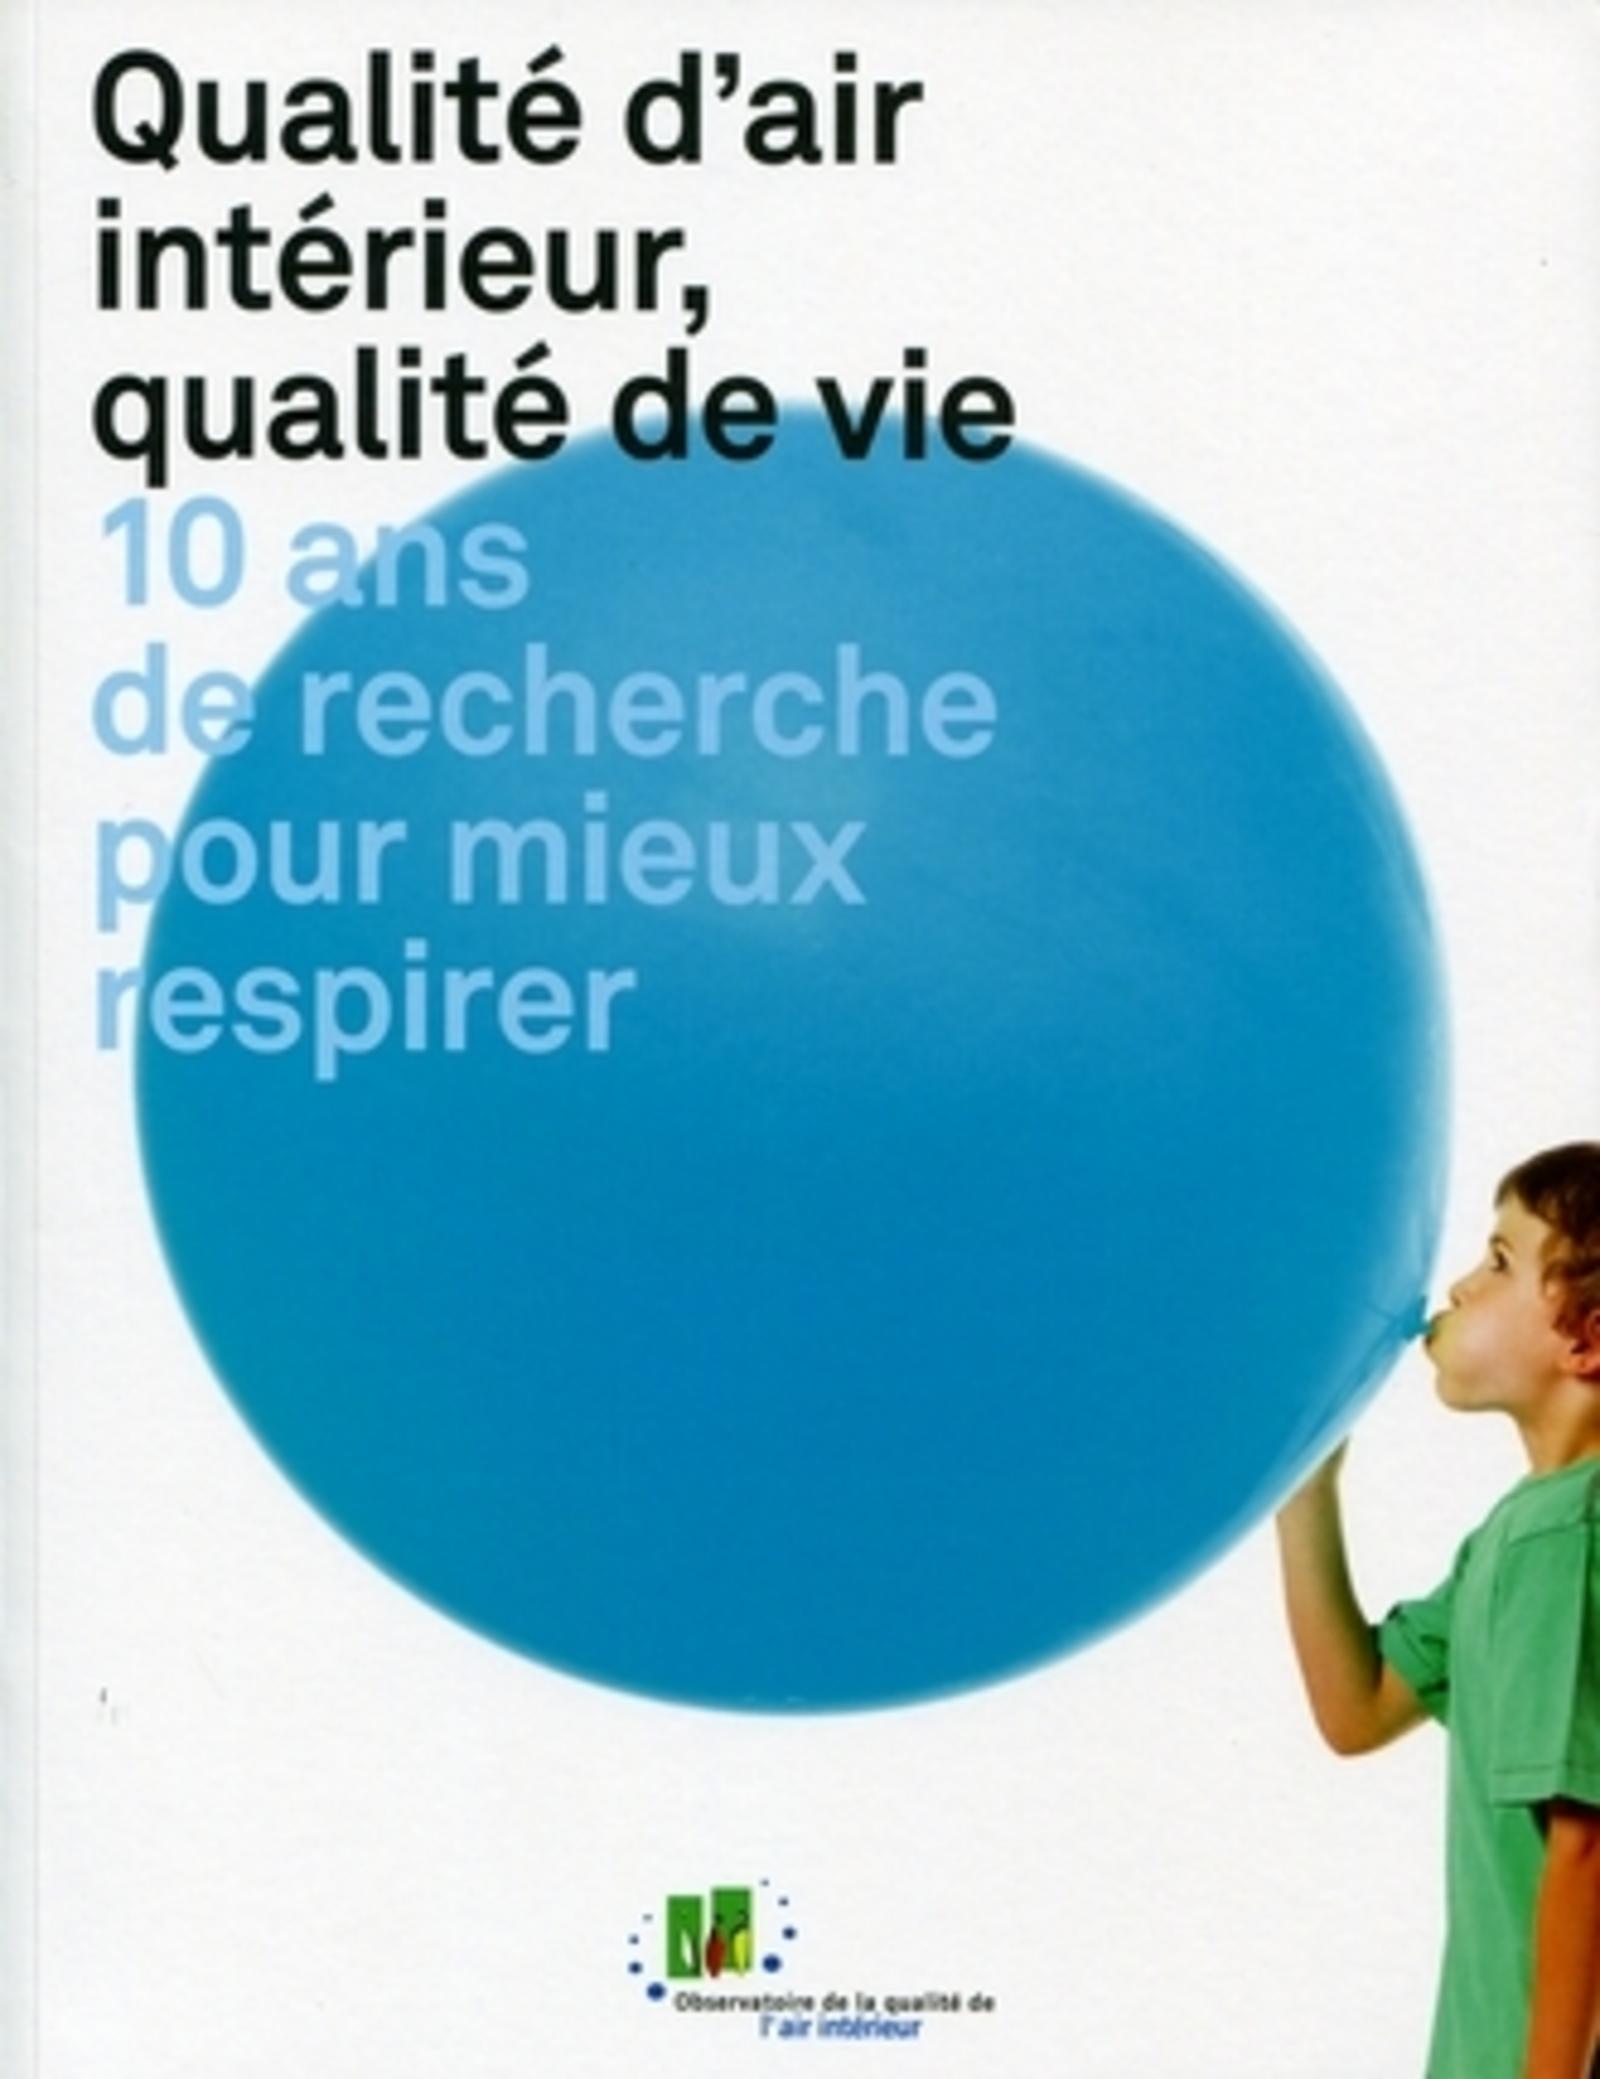 QUALITE D'AIR INTERIEUR, QUALITE DE VIE. 10 ANS DE RECHERCHEPOUR MIEUX RESPIRER - 10 ANS DE RECHERCH